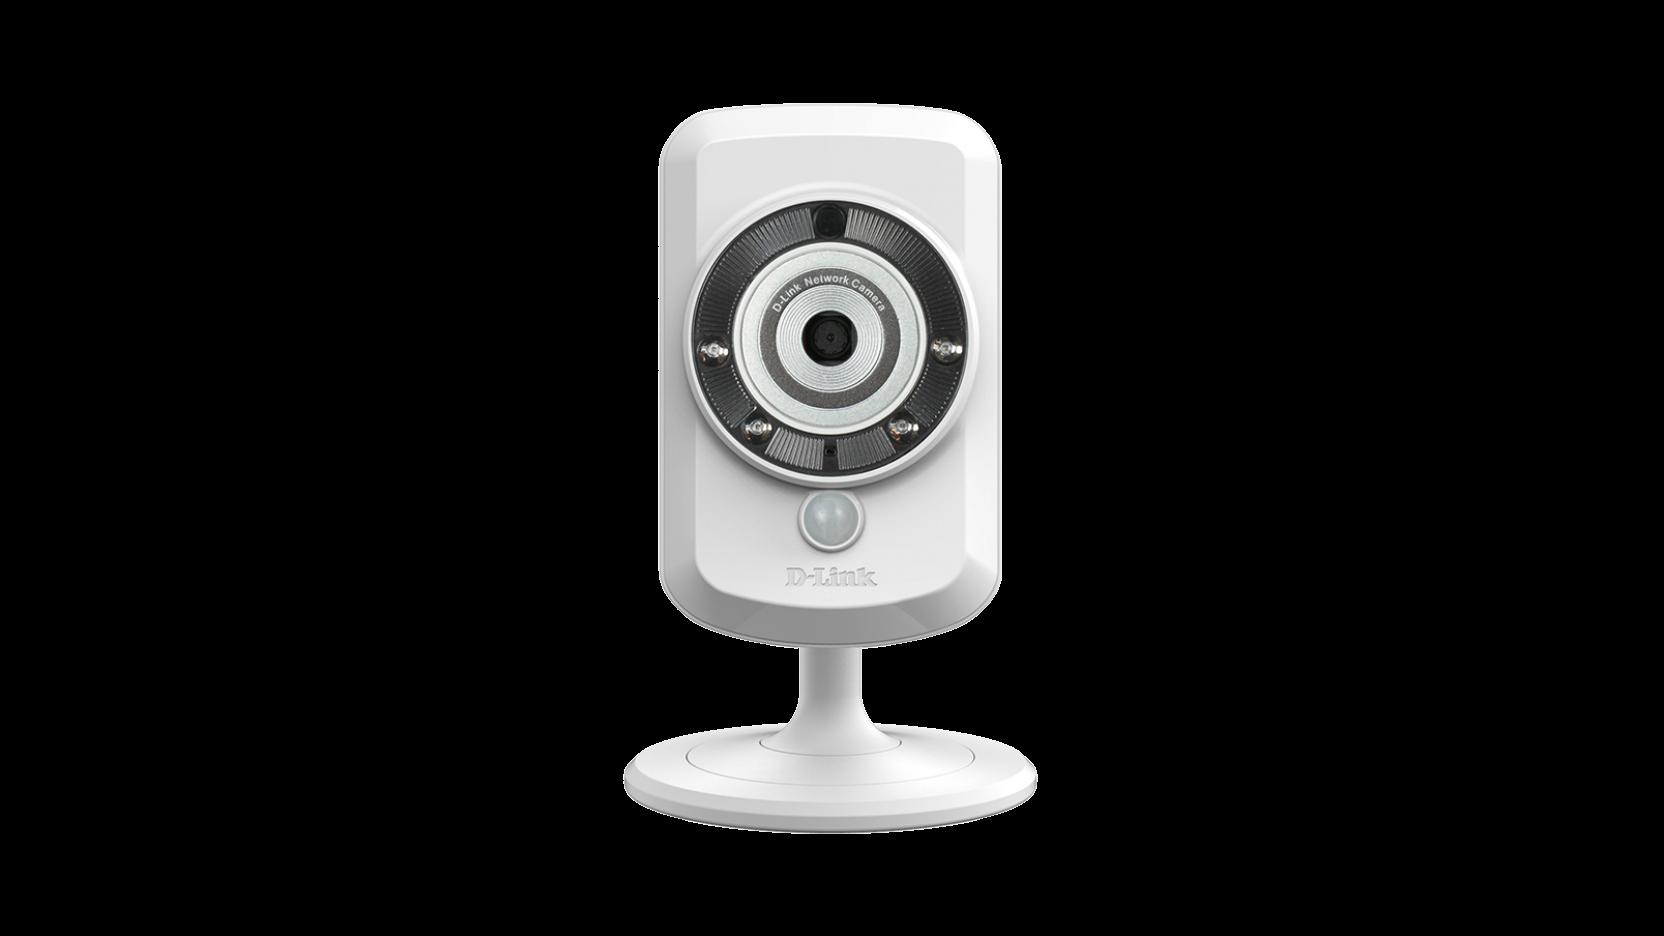 D-Link DCS-942L IP Camera Download Driver